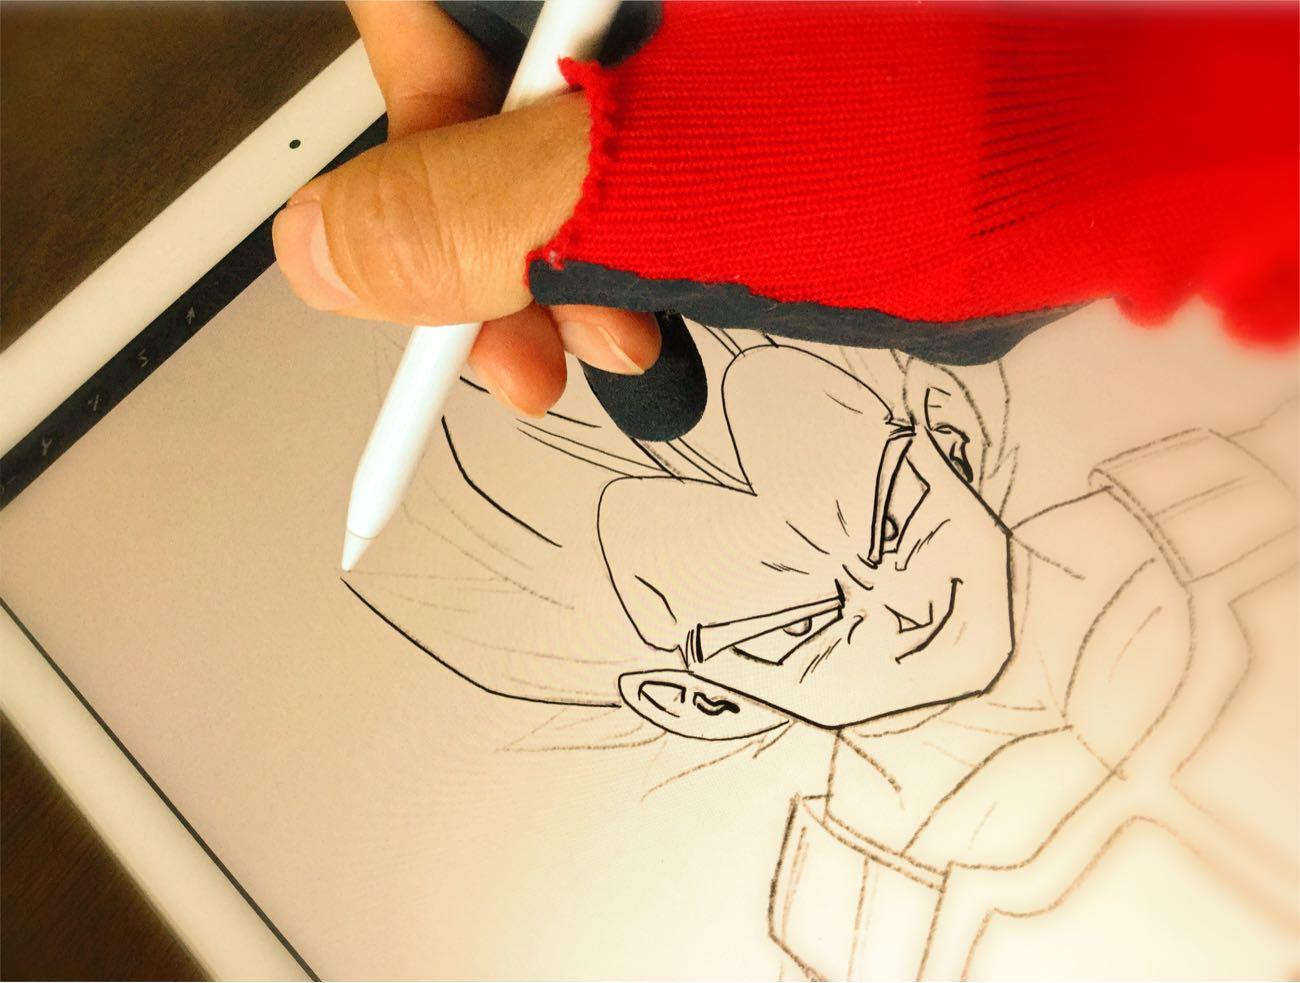 スタイラスがあればすいすい描ける(写真はApple Pencil)